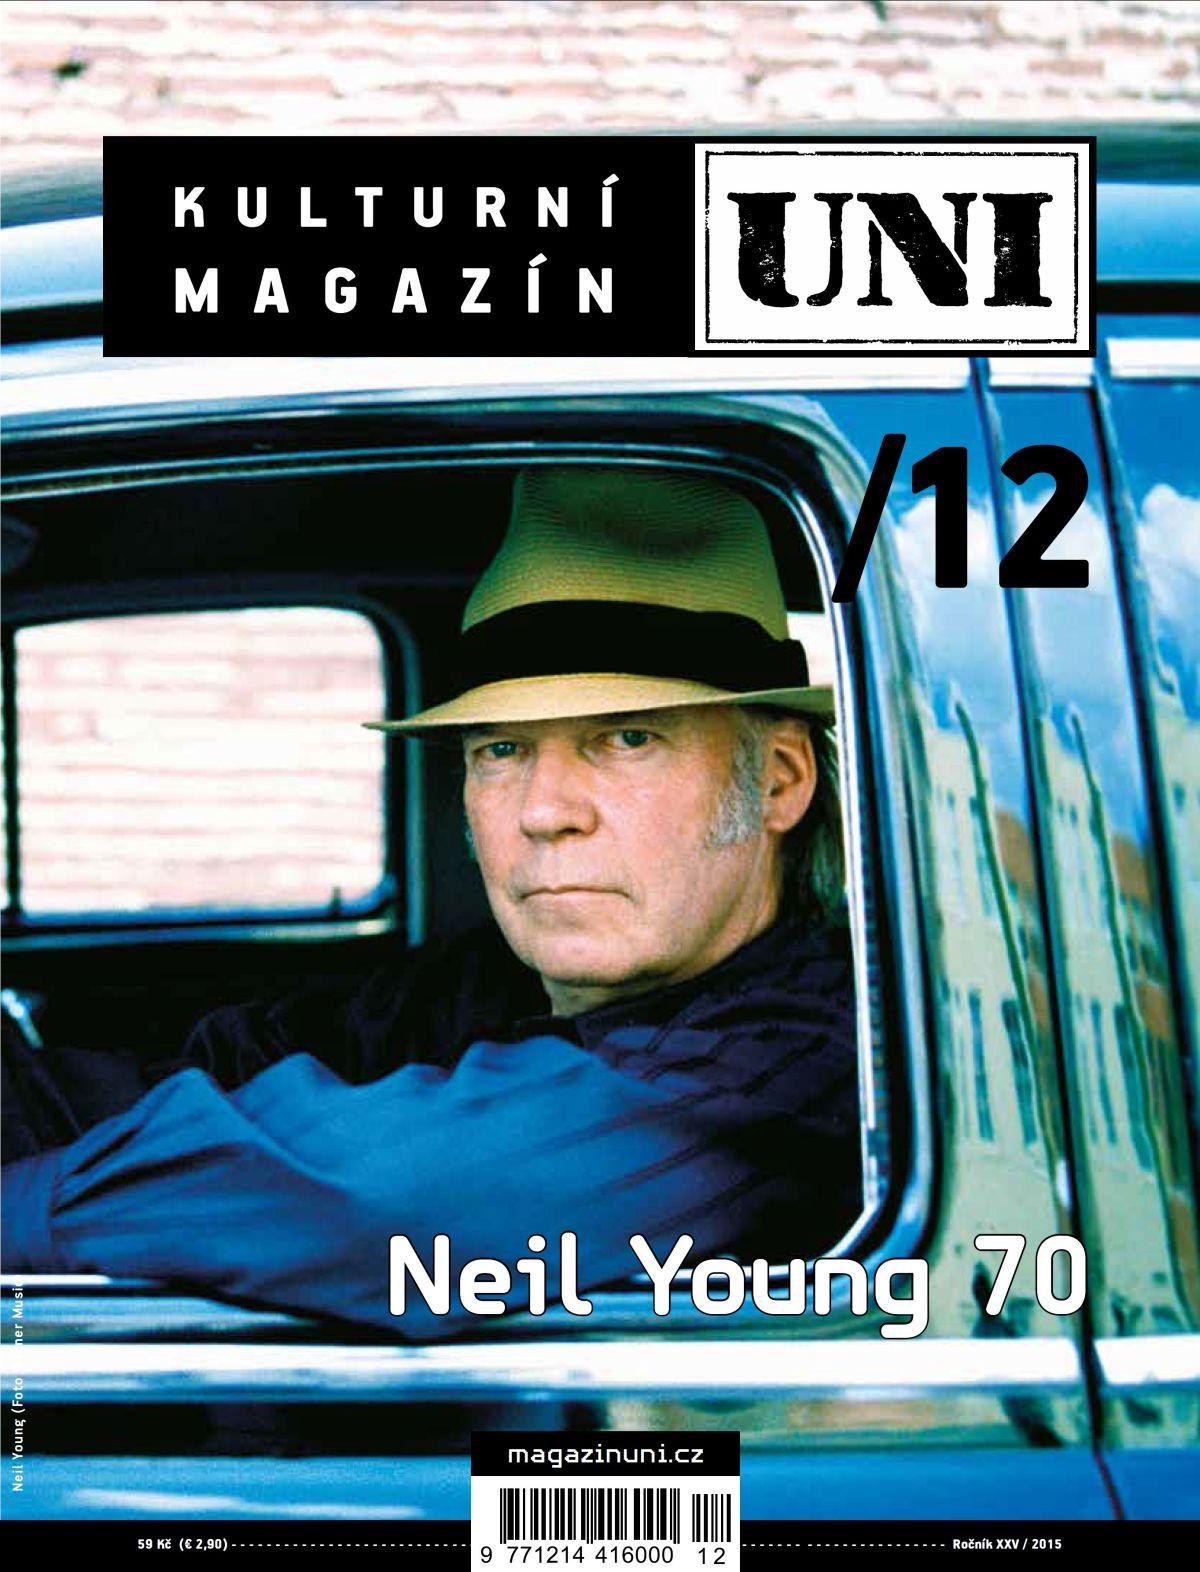 Loňské prosincové číslo magazínu, už v novém rozšířeném formátu